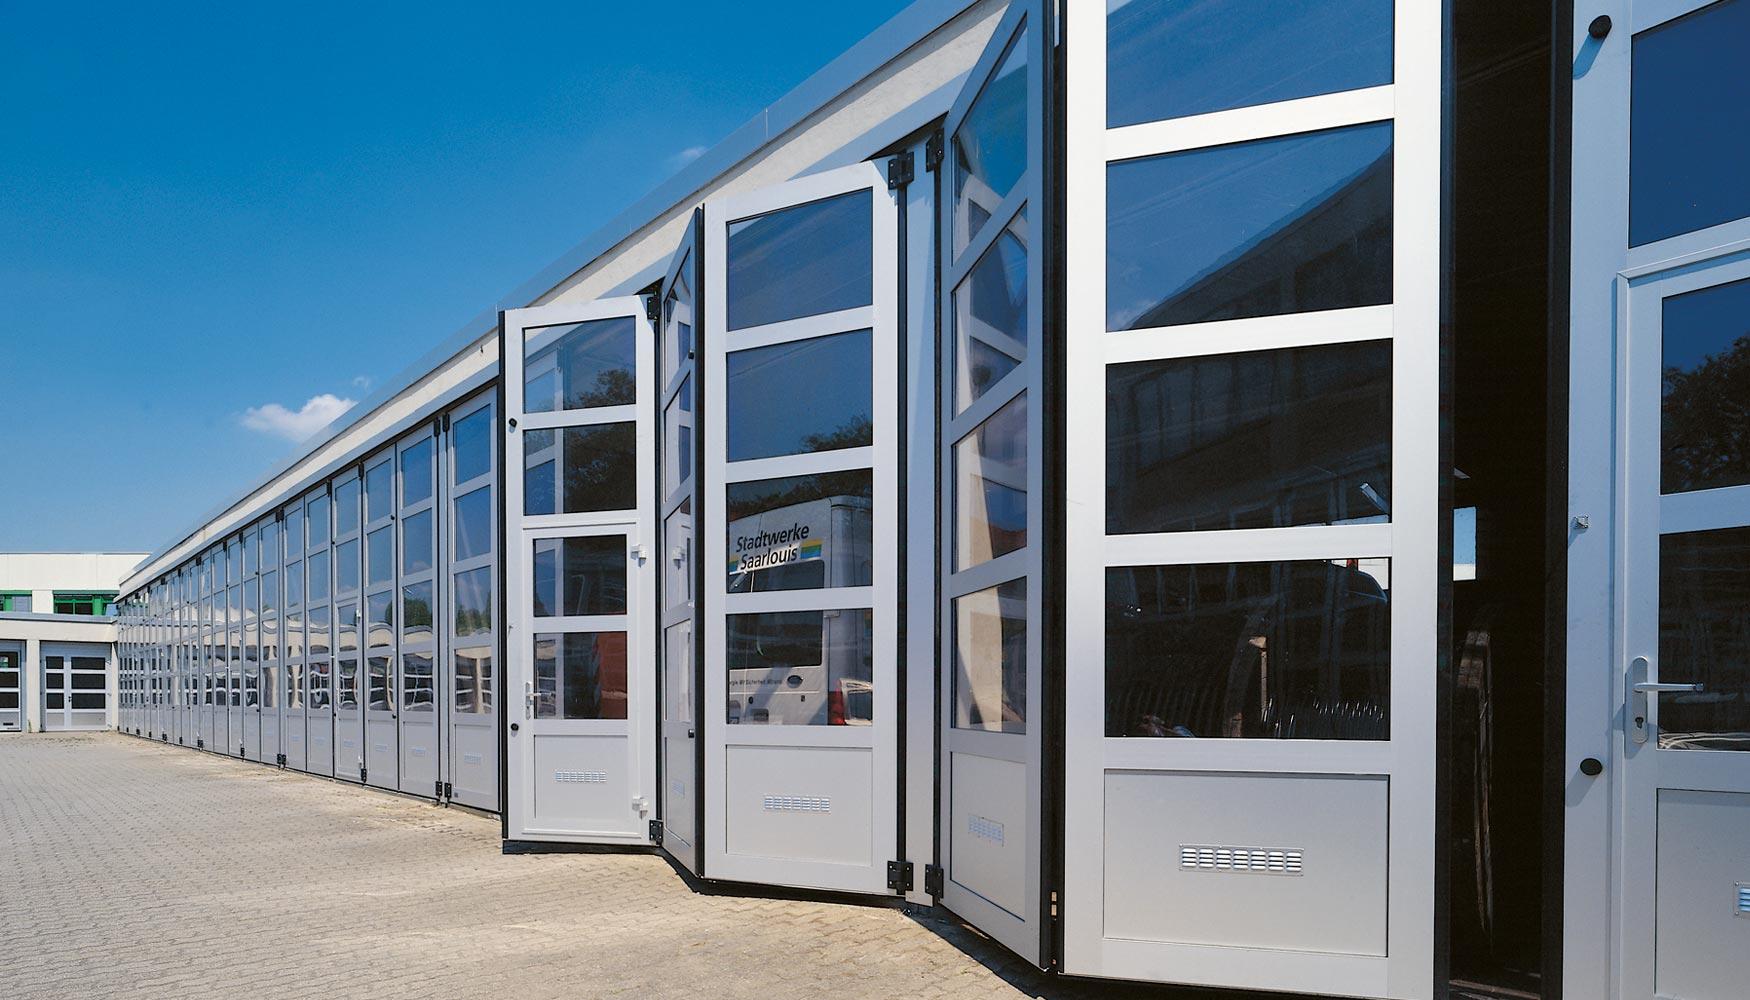 Aenor acuerda la creación de un reglamento para la certificación de la instalación de puertas industriales